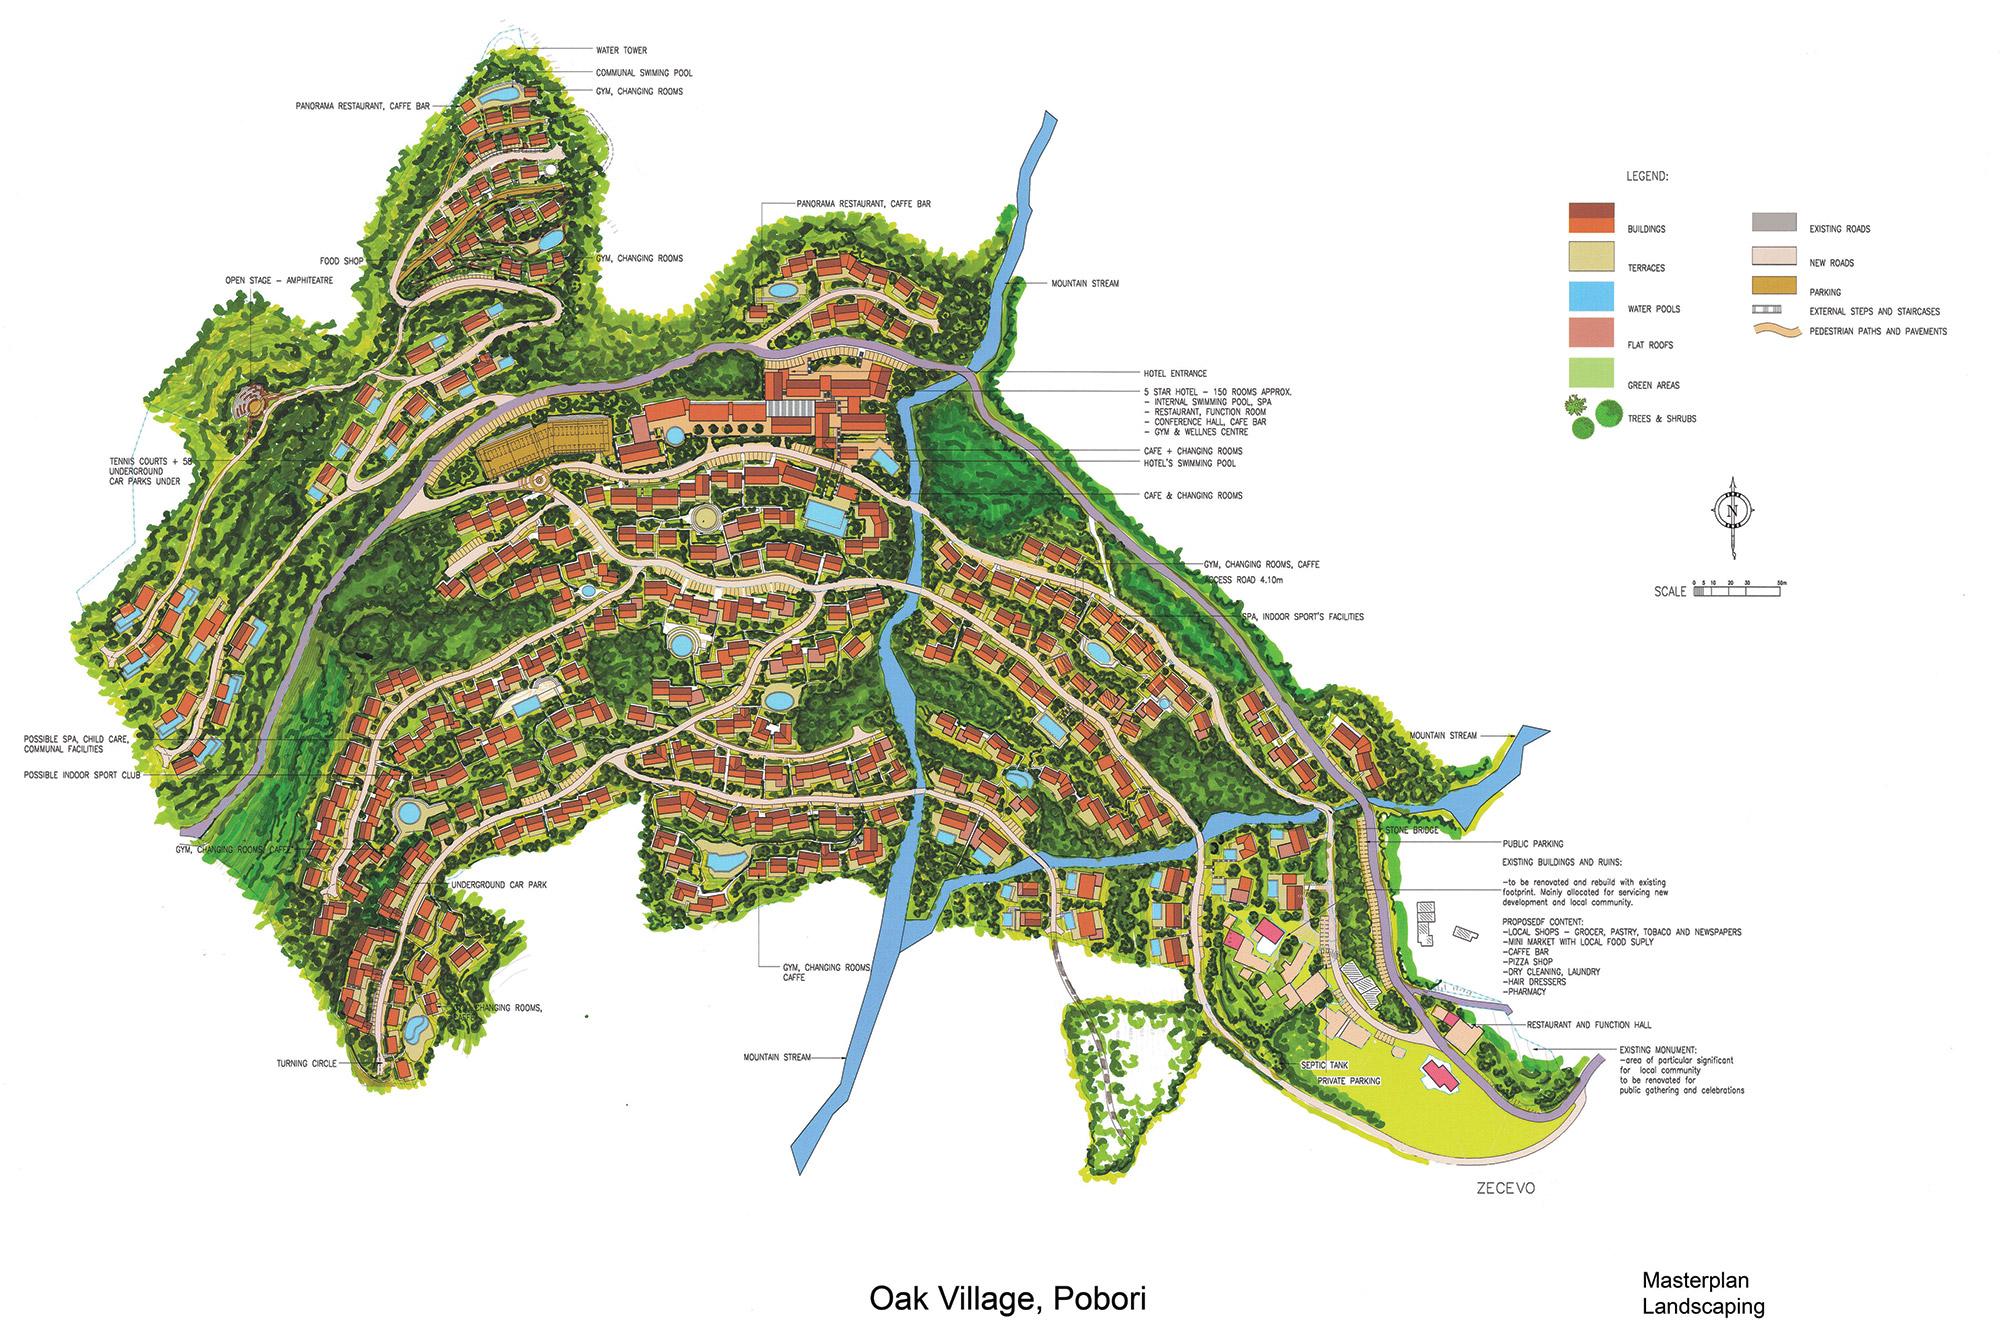 Landscaping Masterplan